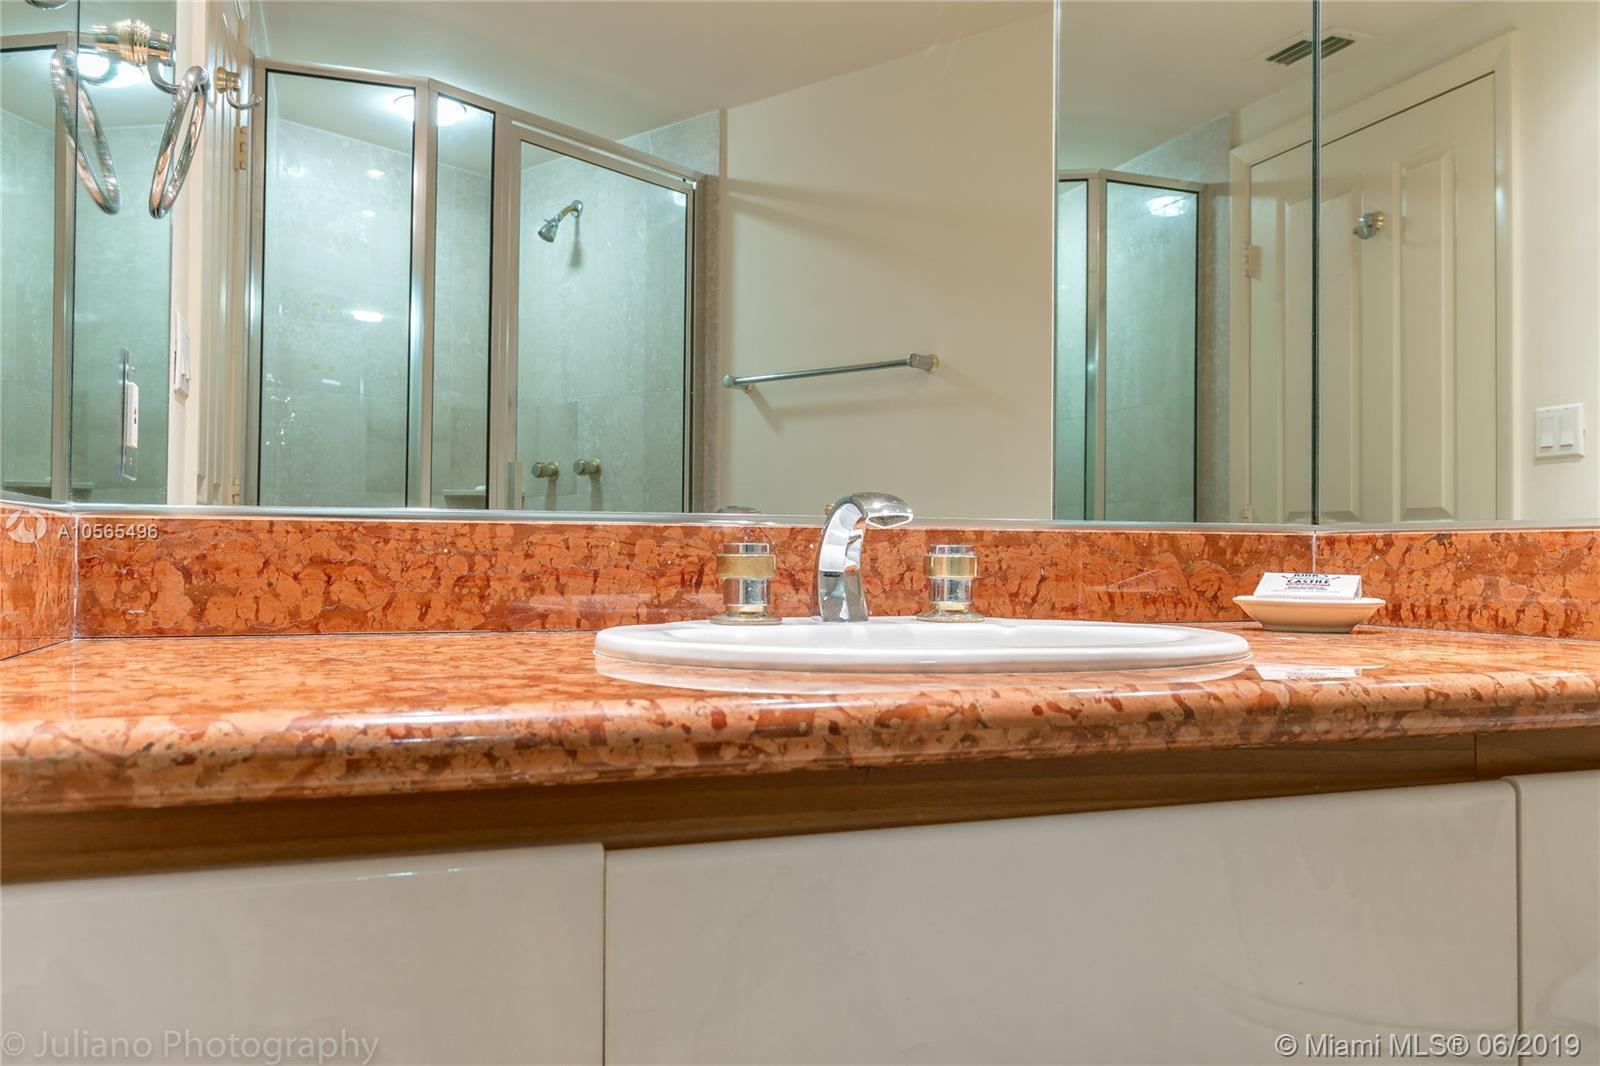 2127 Brickell Avenue, Miami, FL 33129, Bristol Tower Condominium #2902, Brickell, Miami A10565496 image #15